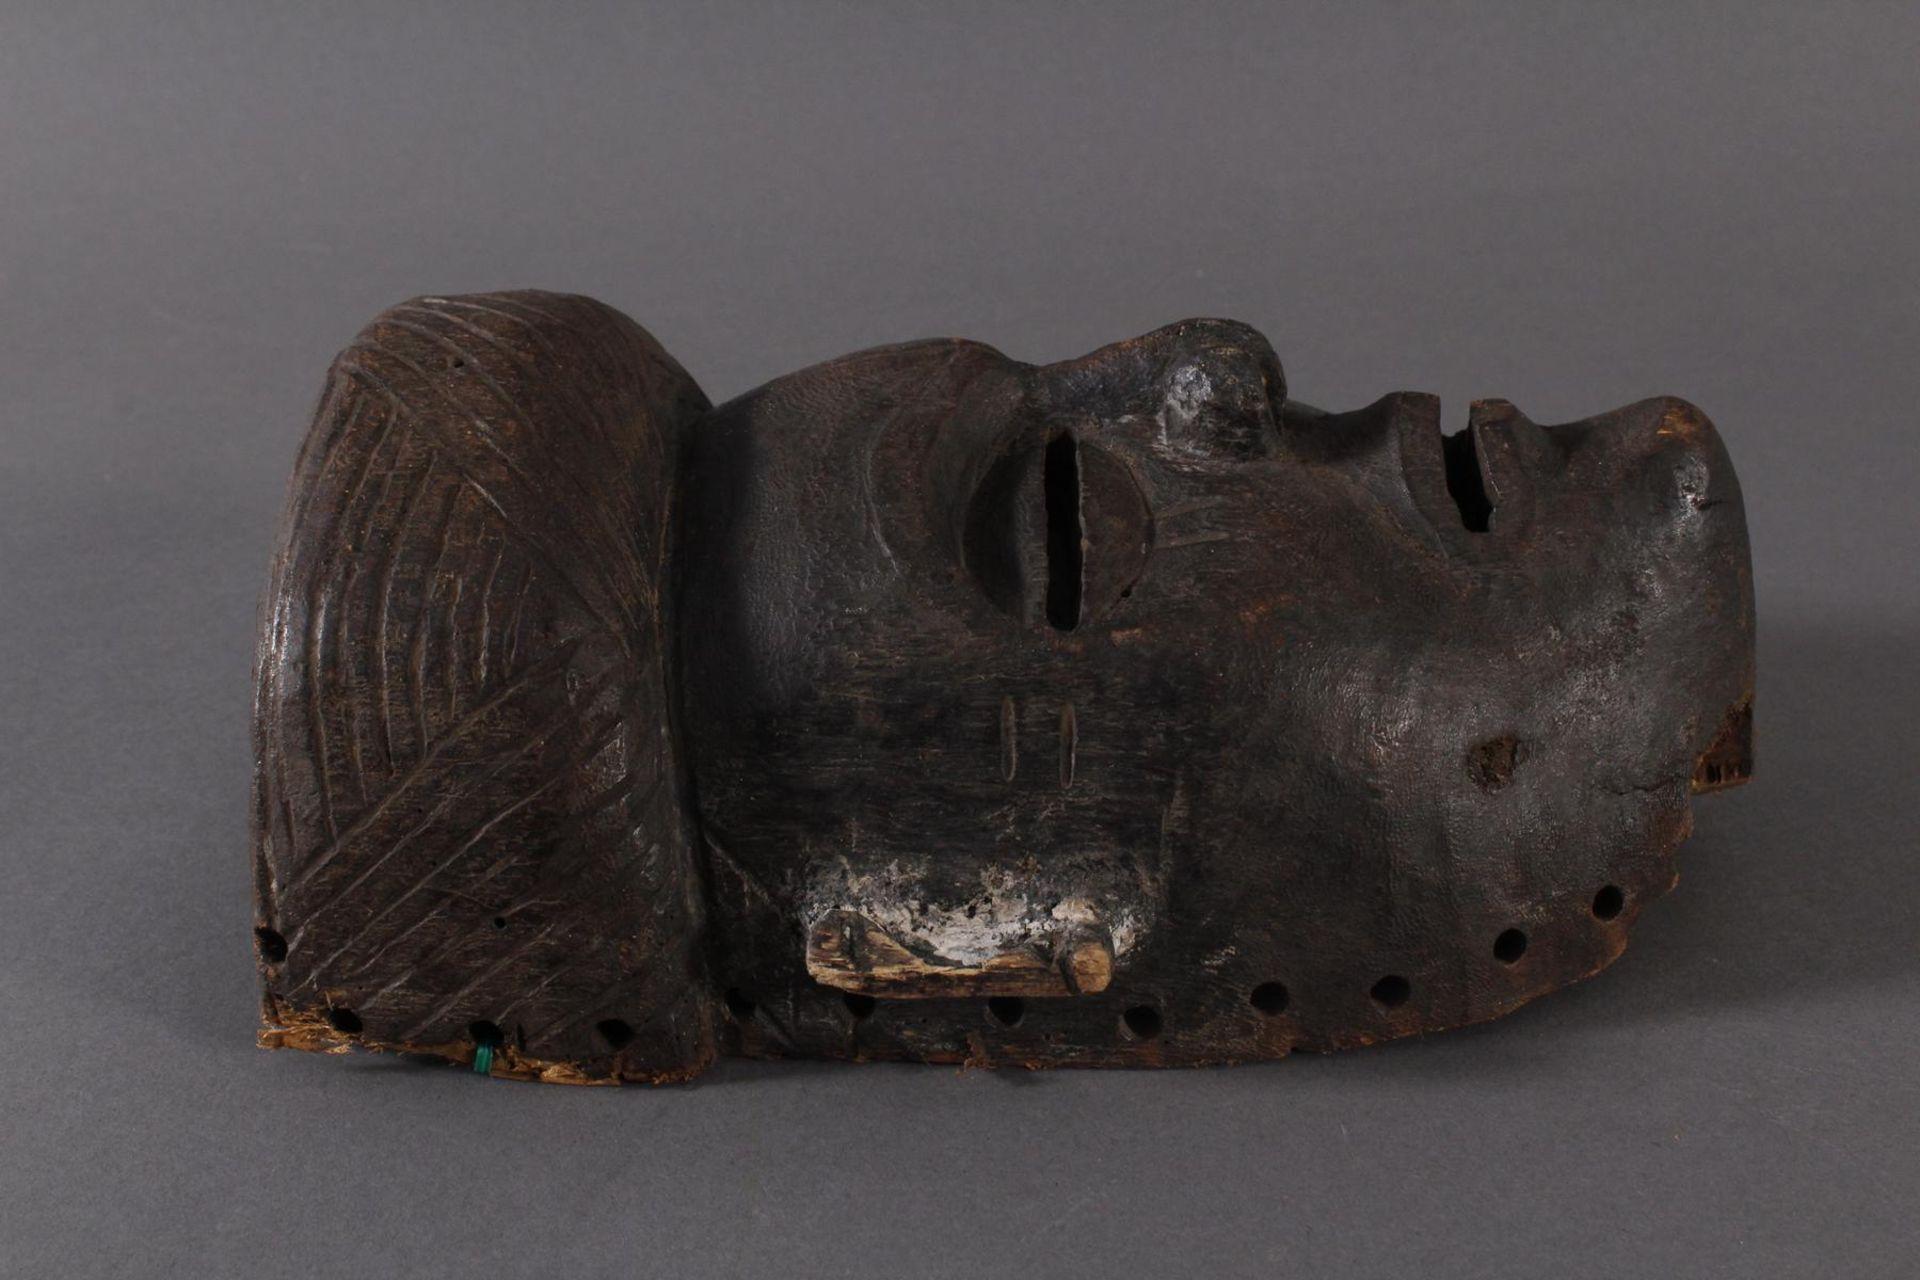 Antike Maske, Angola, Luena 20. Jh.Holz geschnitzt, dunkle Patina, Narbentatauierung, Ohren - Bild 2 aus 6